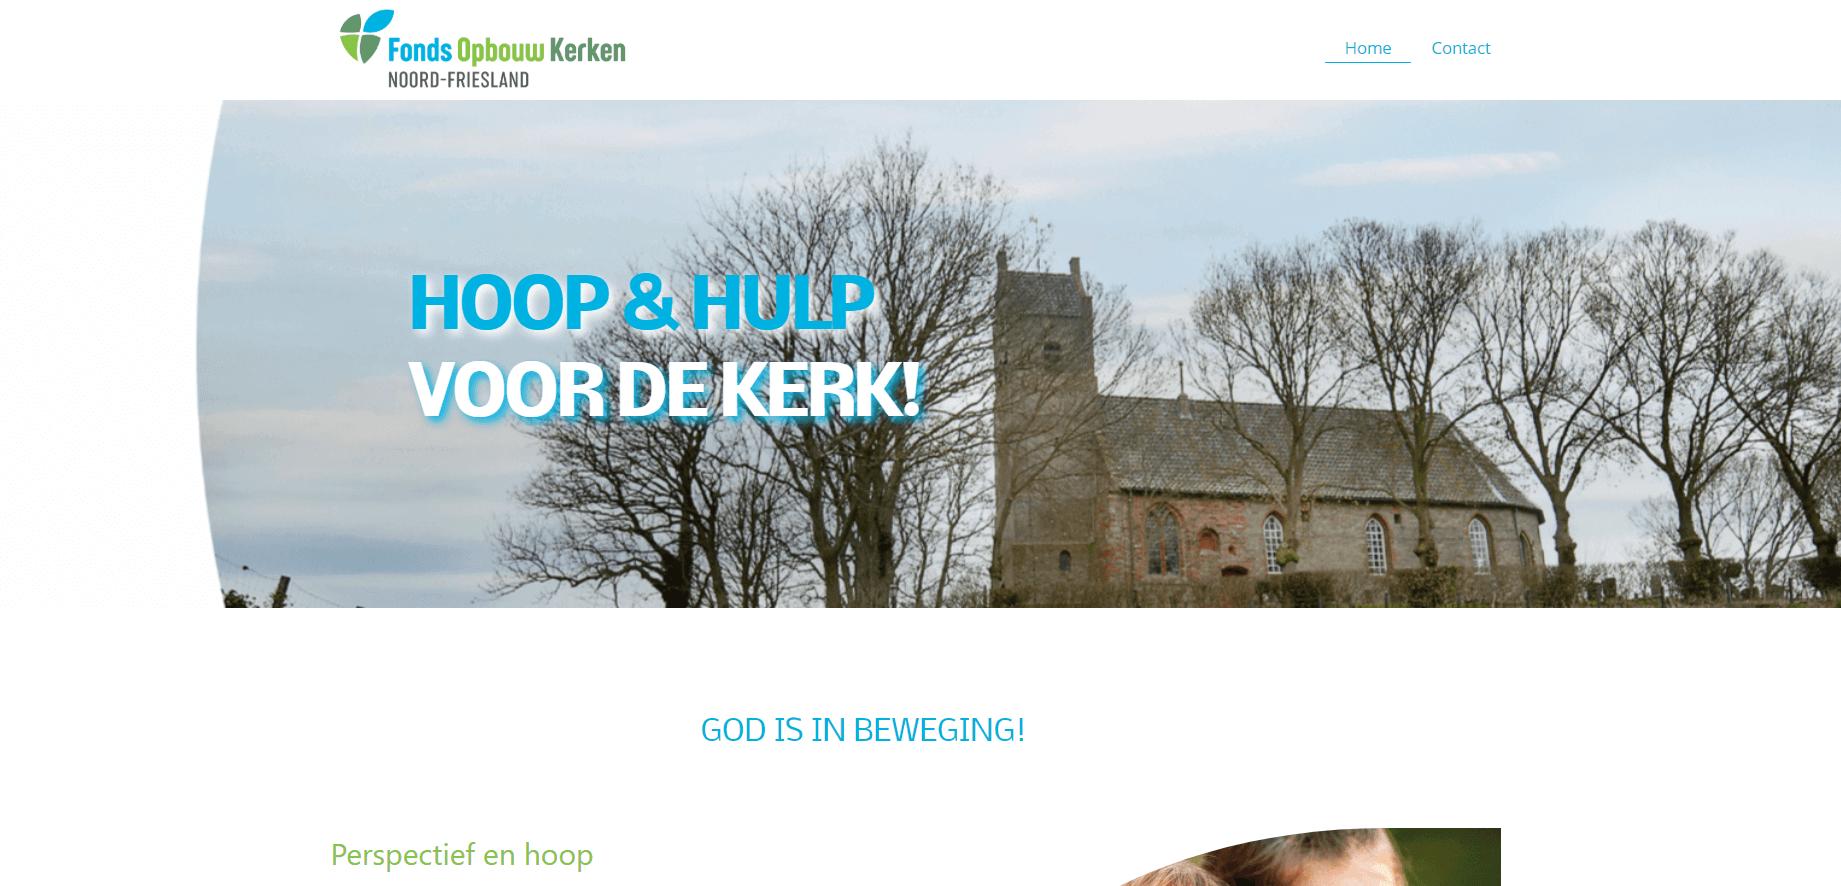 Fonds Opbouw Kerken Noord-Friesland